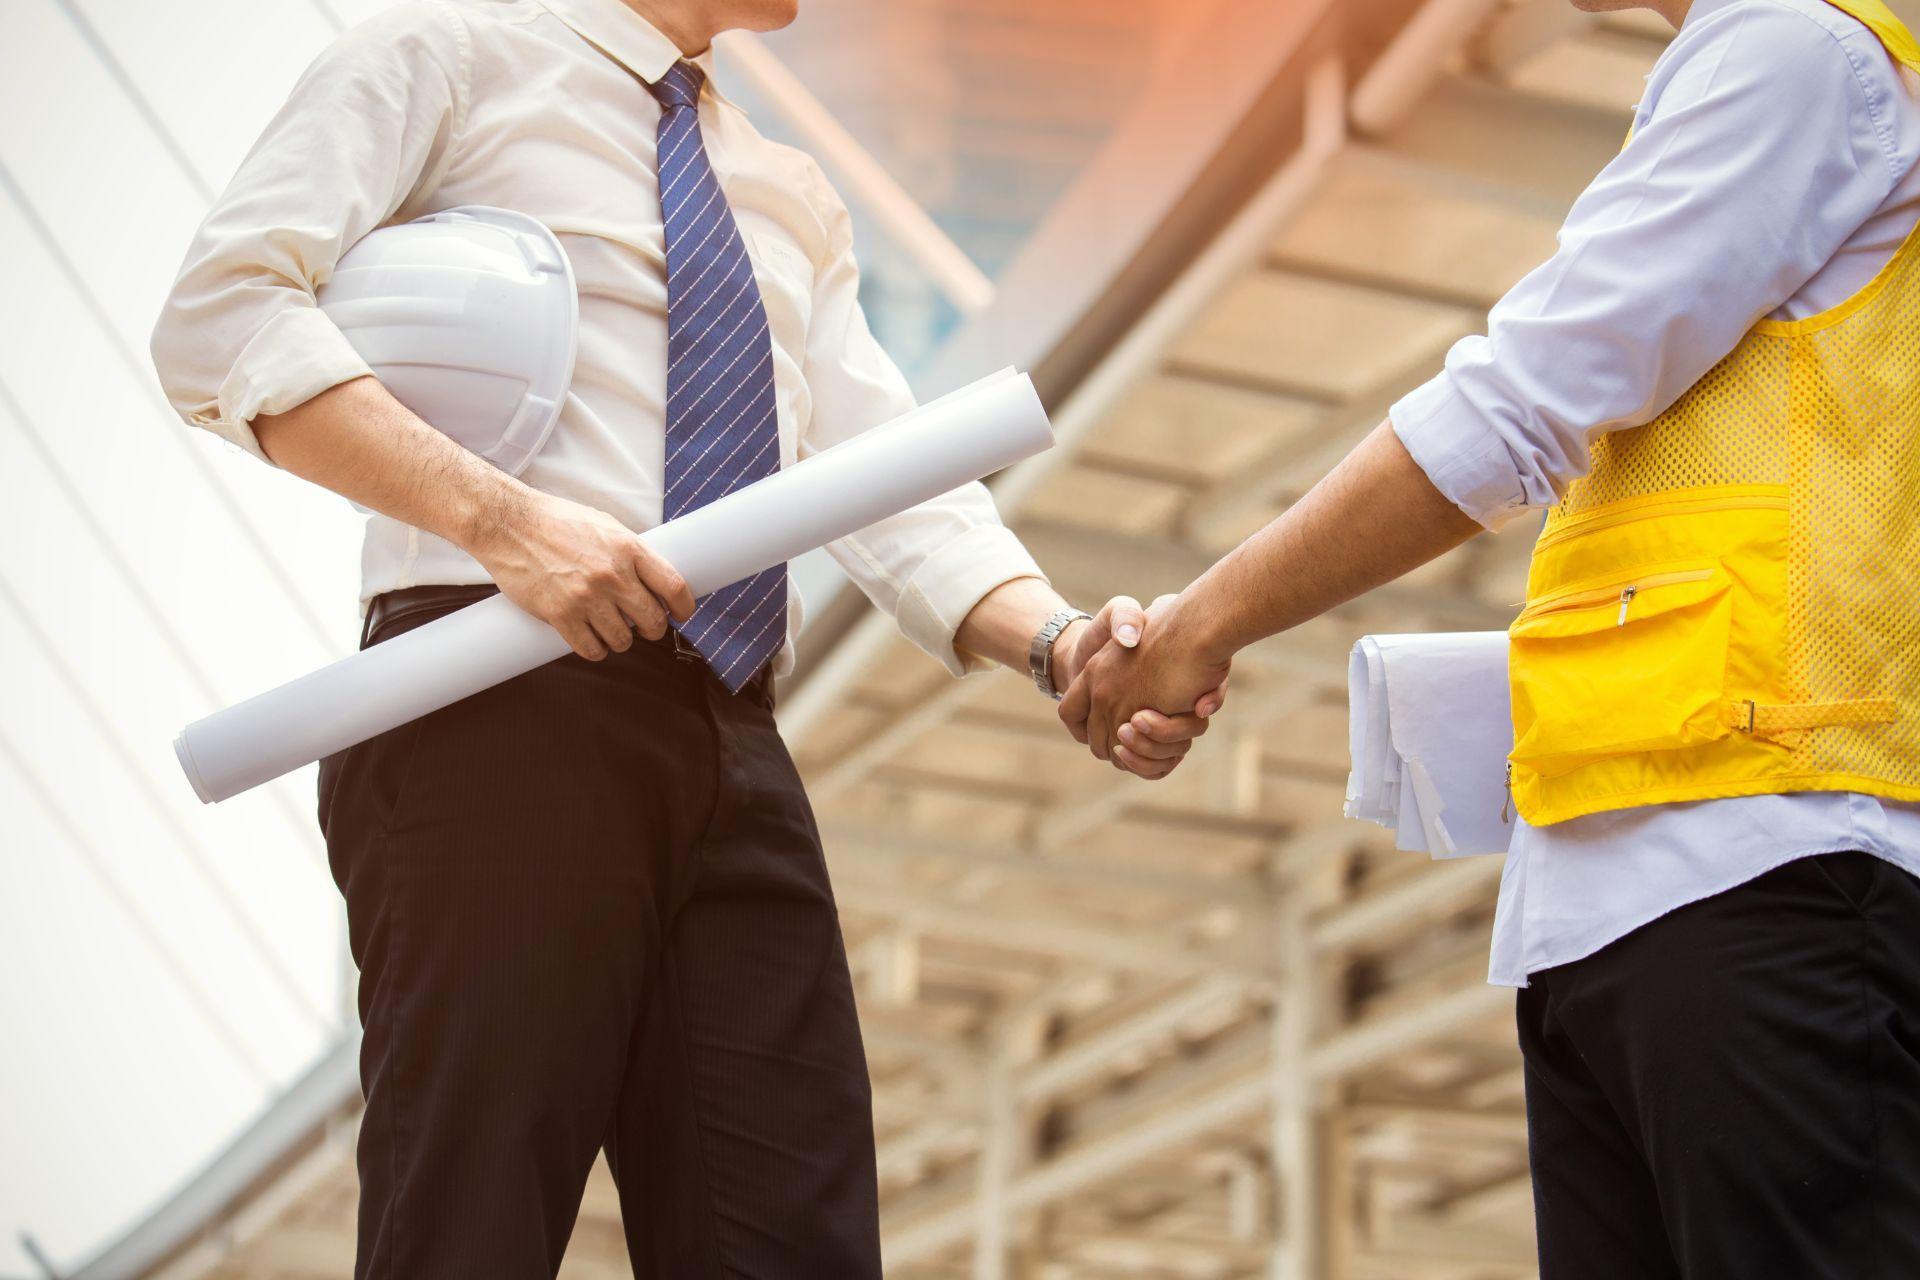 Как торговаться со строителями и чего категорически нельзя делать (личный опыт)